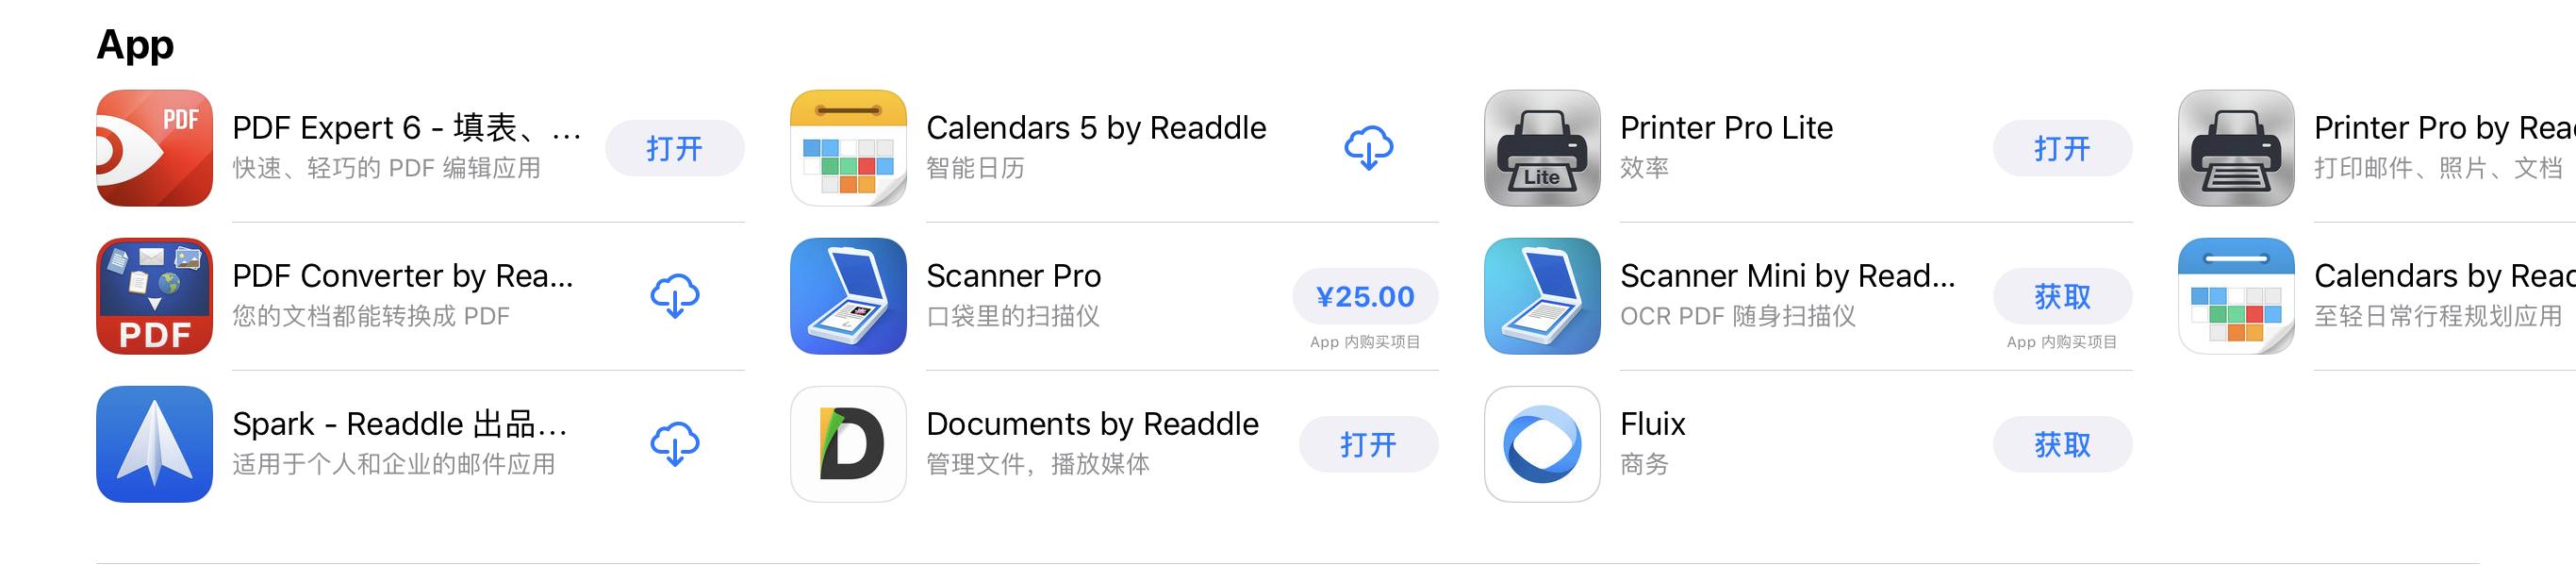 图27 - Readdle 公司出品的软件